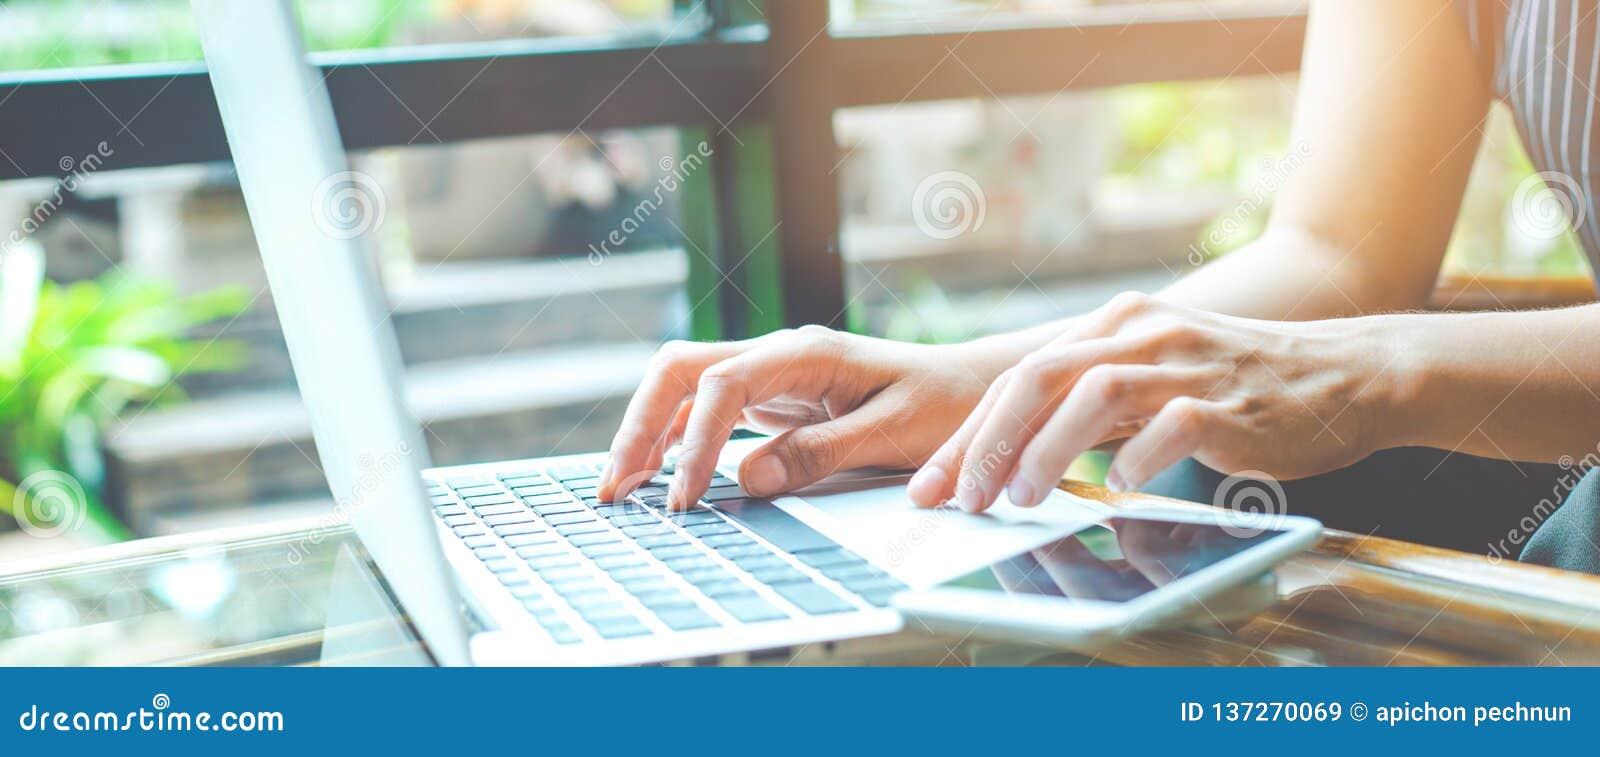 Biznesowa kobieta pracuje z laptopem i używa telefon komórkowego w biurze